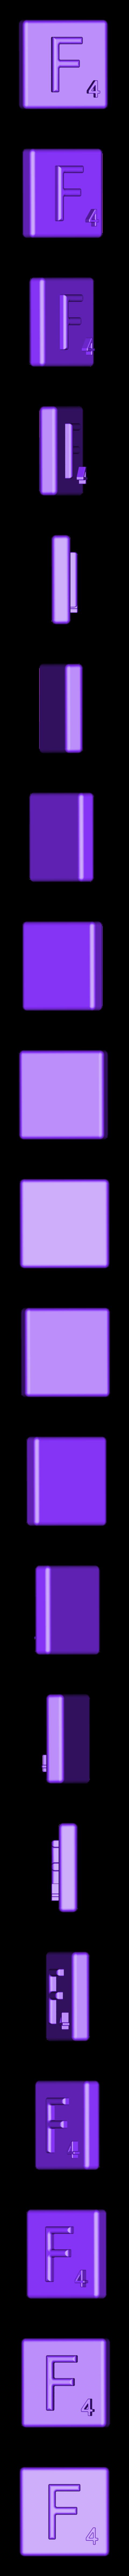 Single_Extruded_F.STL Télécharger fichier STL gratuit Pièces et support SCRABBBLE • Design pour imprimante 3D, Balkhagal4D